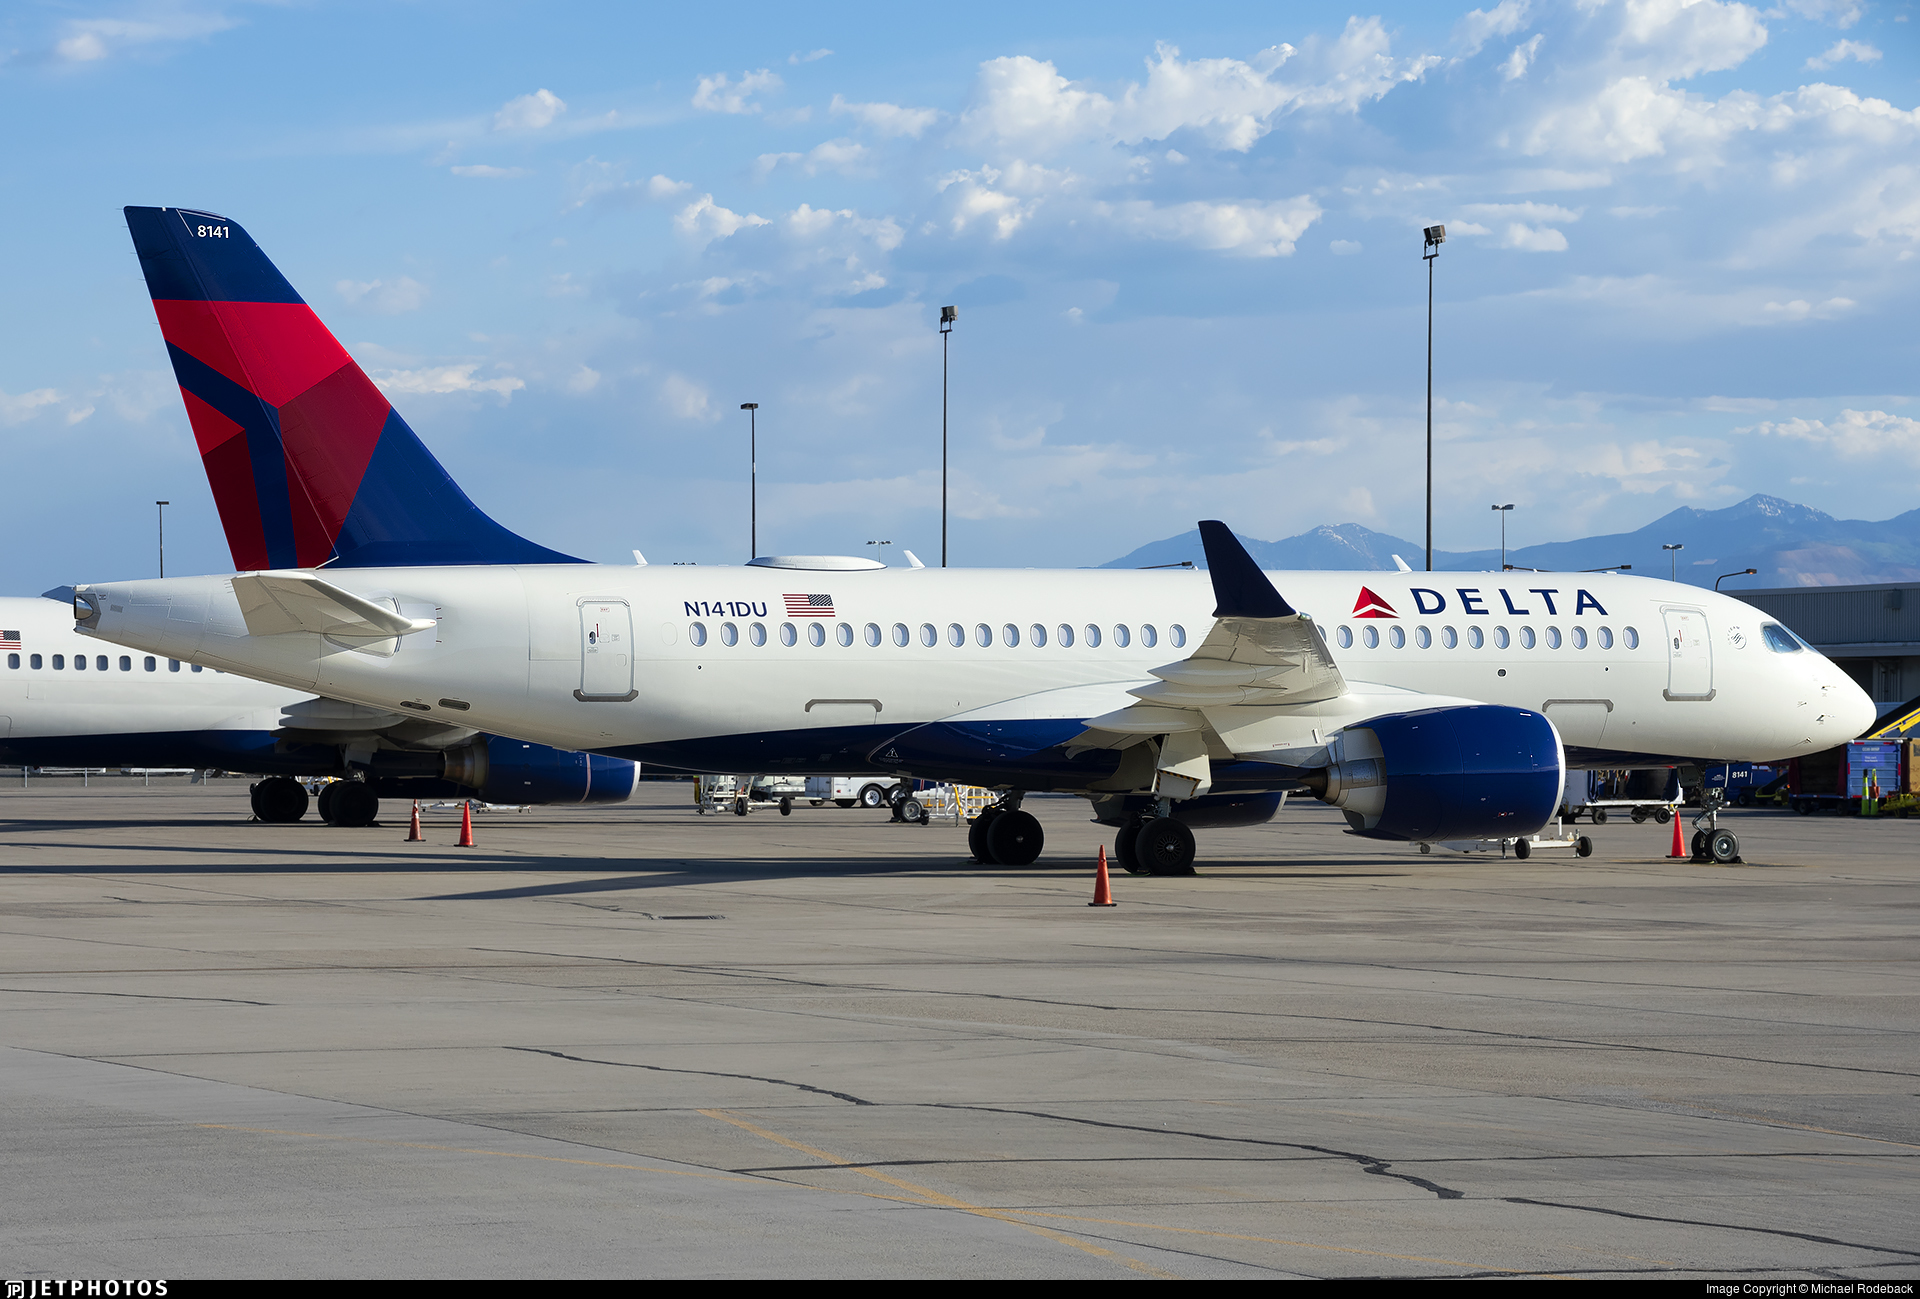 N141DU - Airbus A220-171 - Delta Air Lines